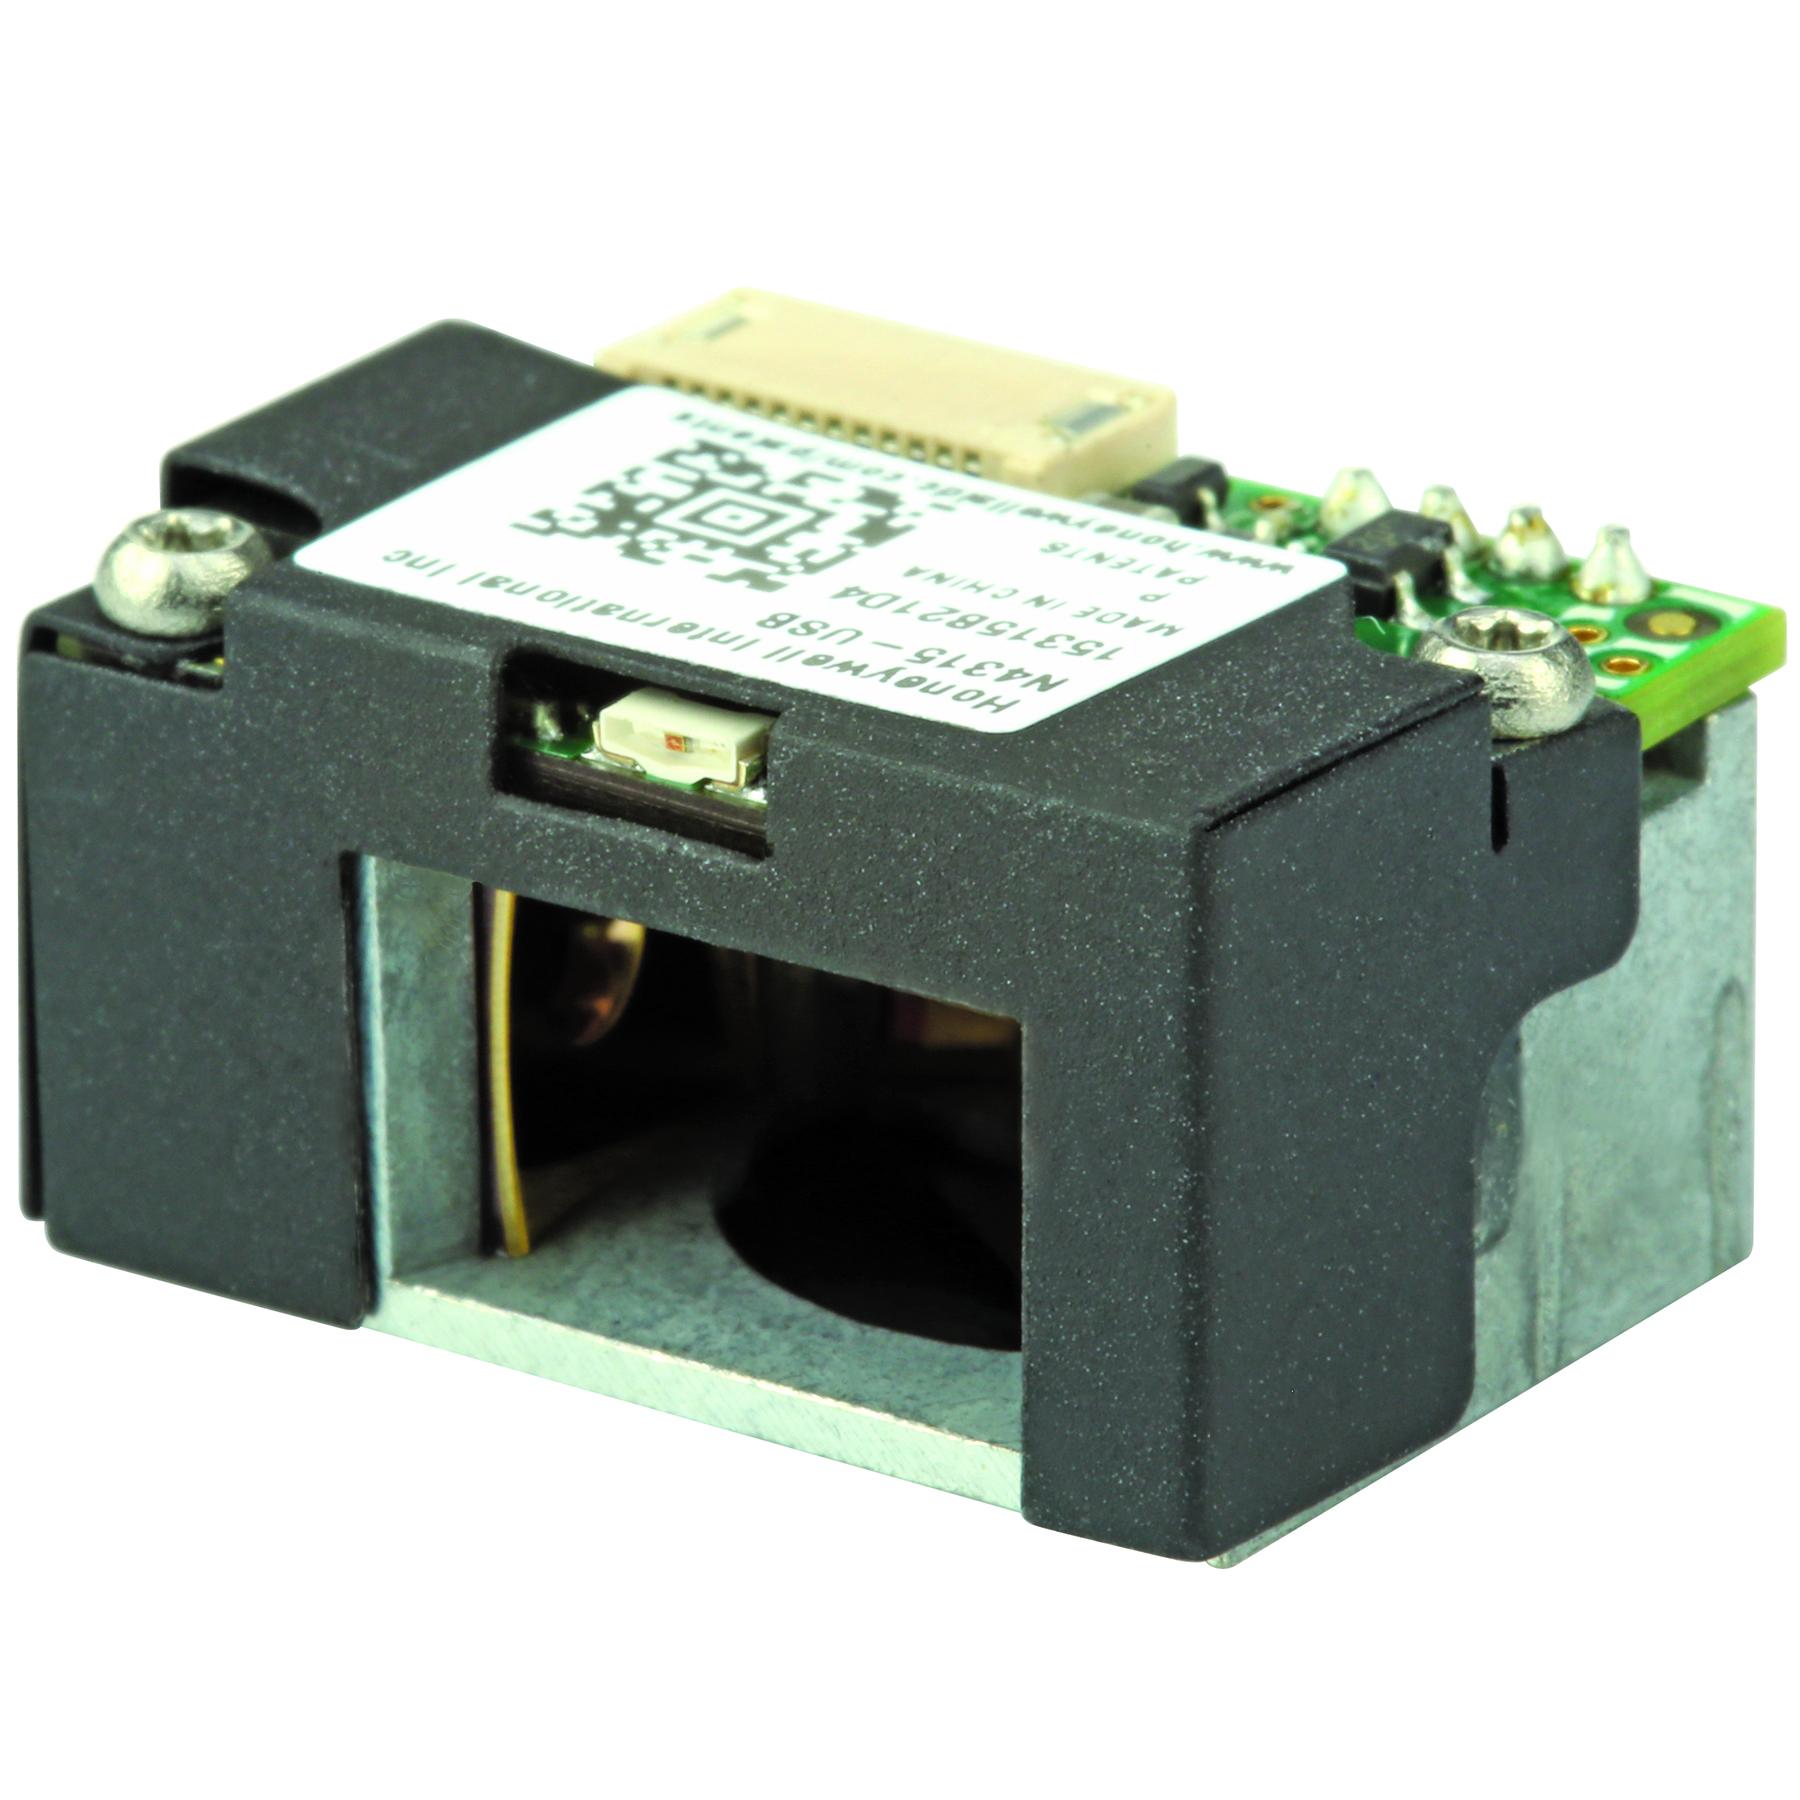 N4300 Series 1D Scan Engines